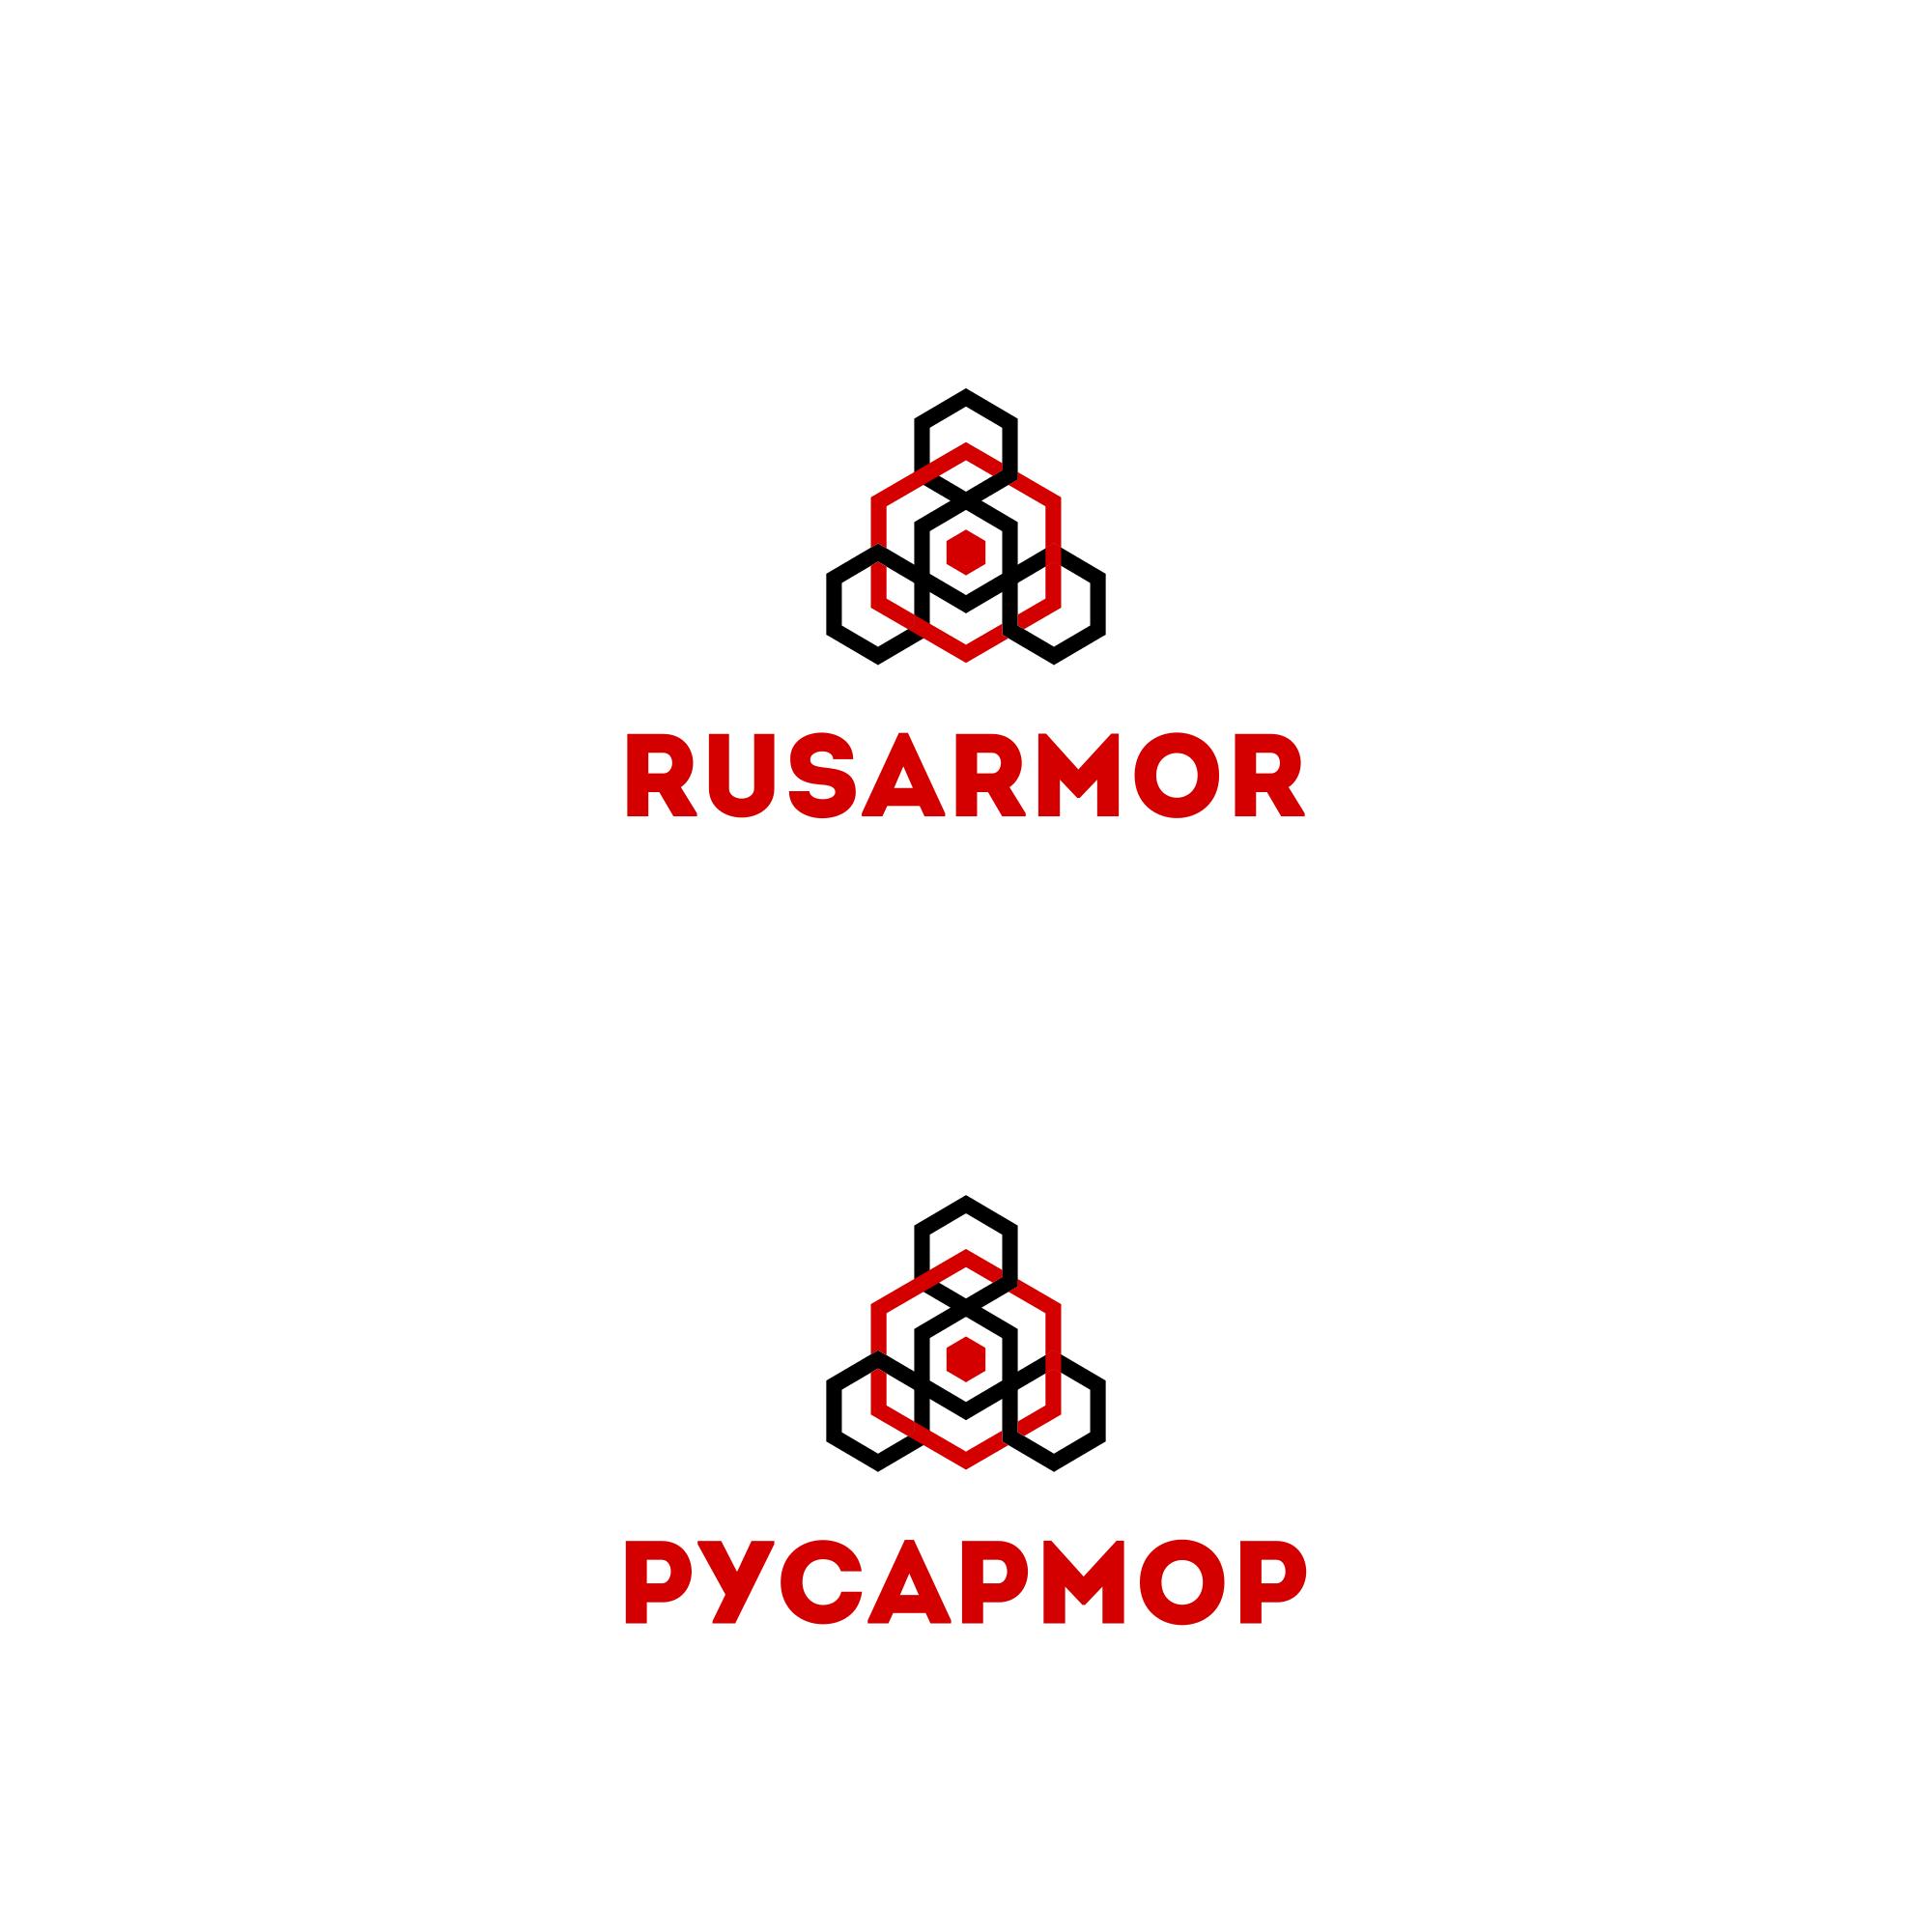 Разработка логотипа технологического стартапа РУСАРМОР фото f_5105a0aa2e295aac.png